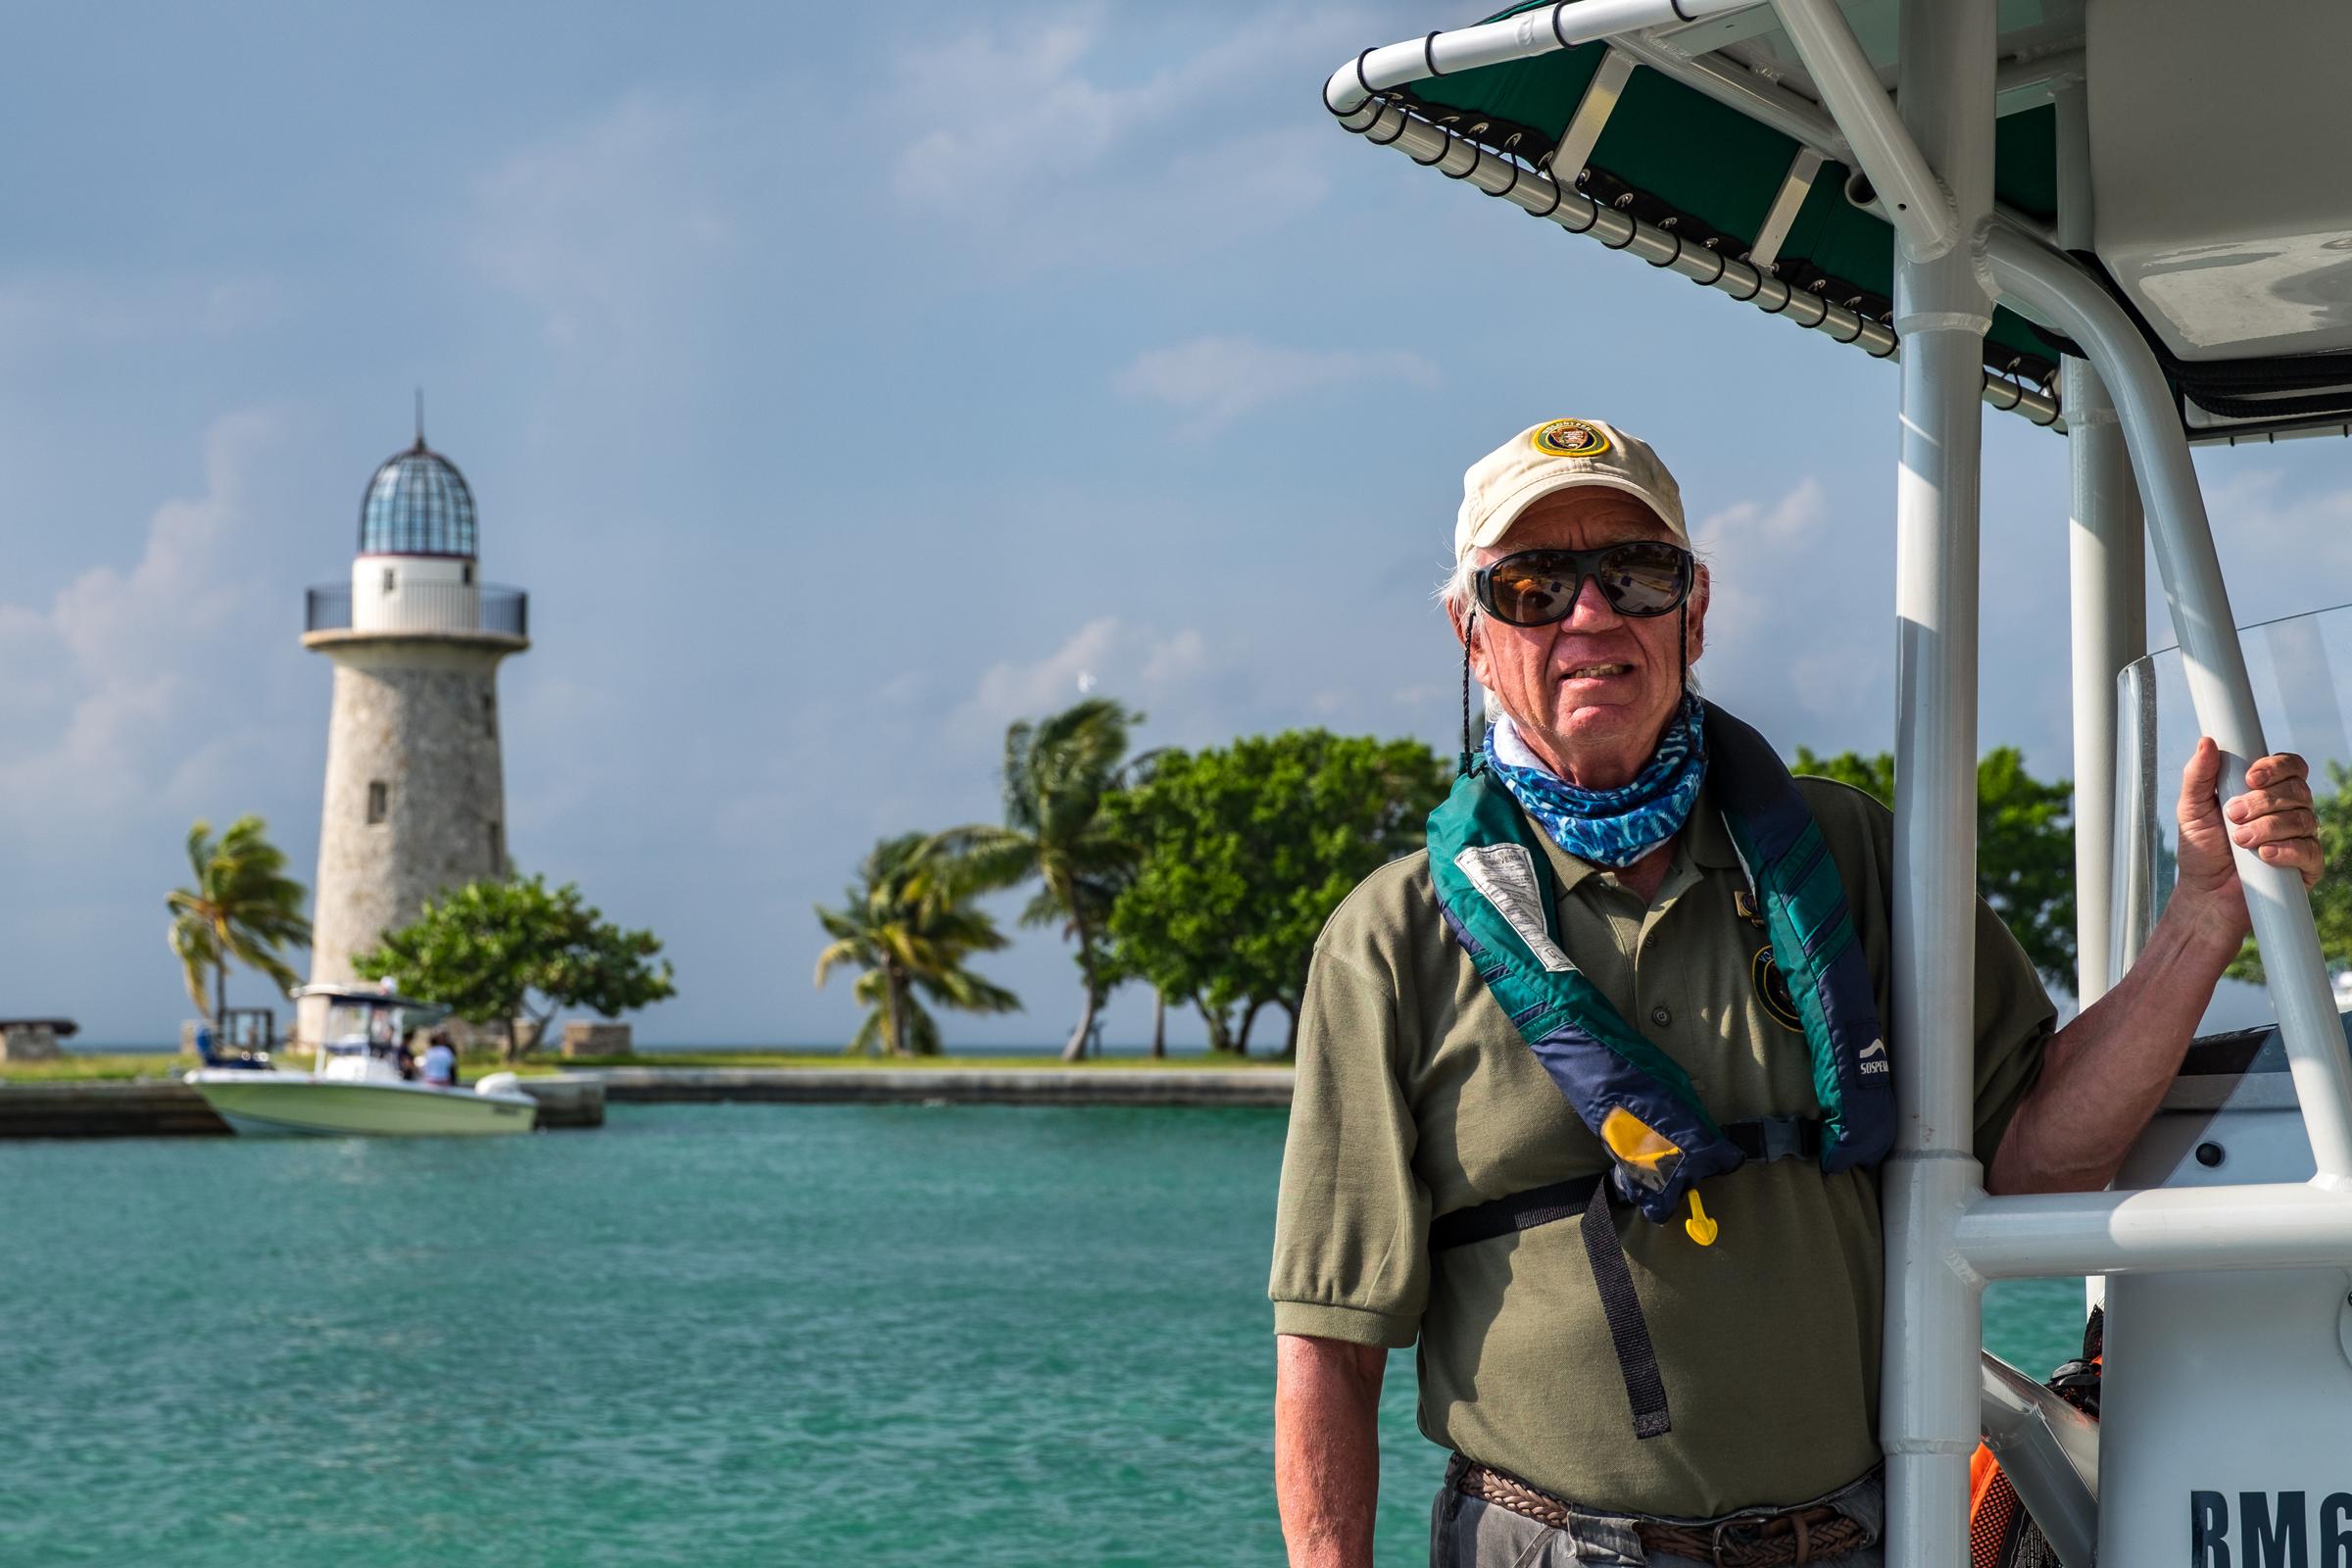 Captian Paul, National Park Service volunteer at Biscayne NP. | Credit: Jonathan Irish